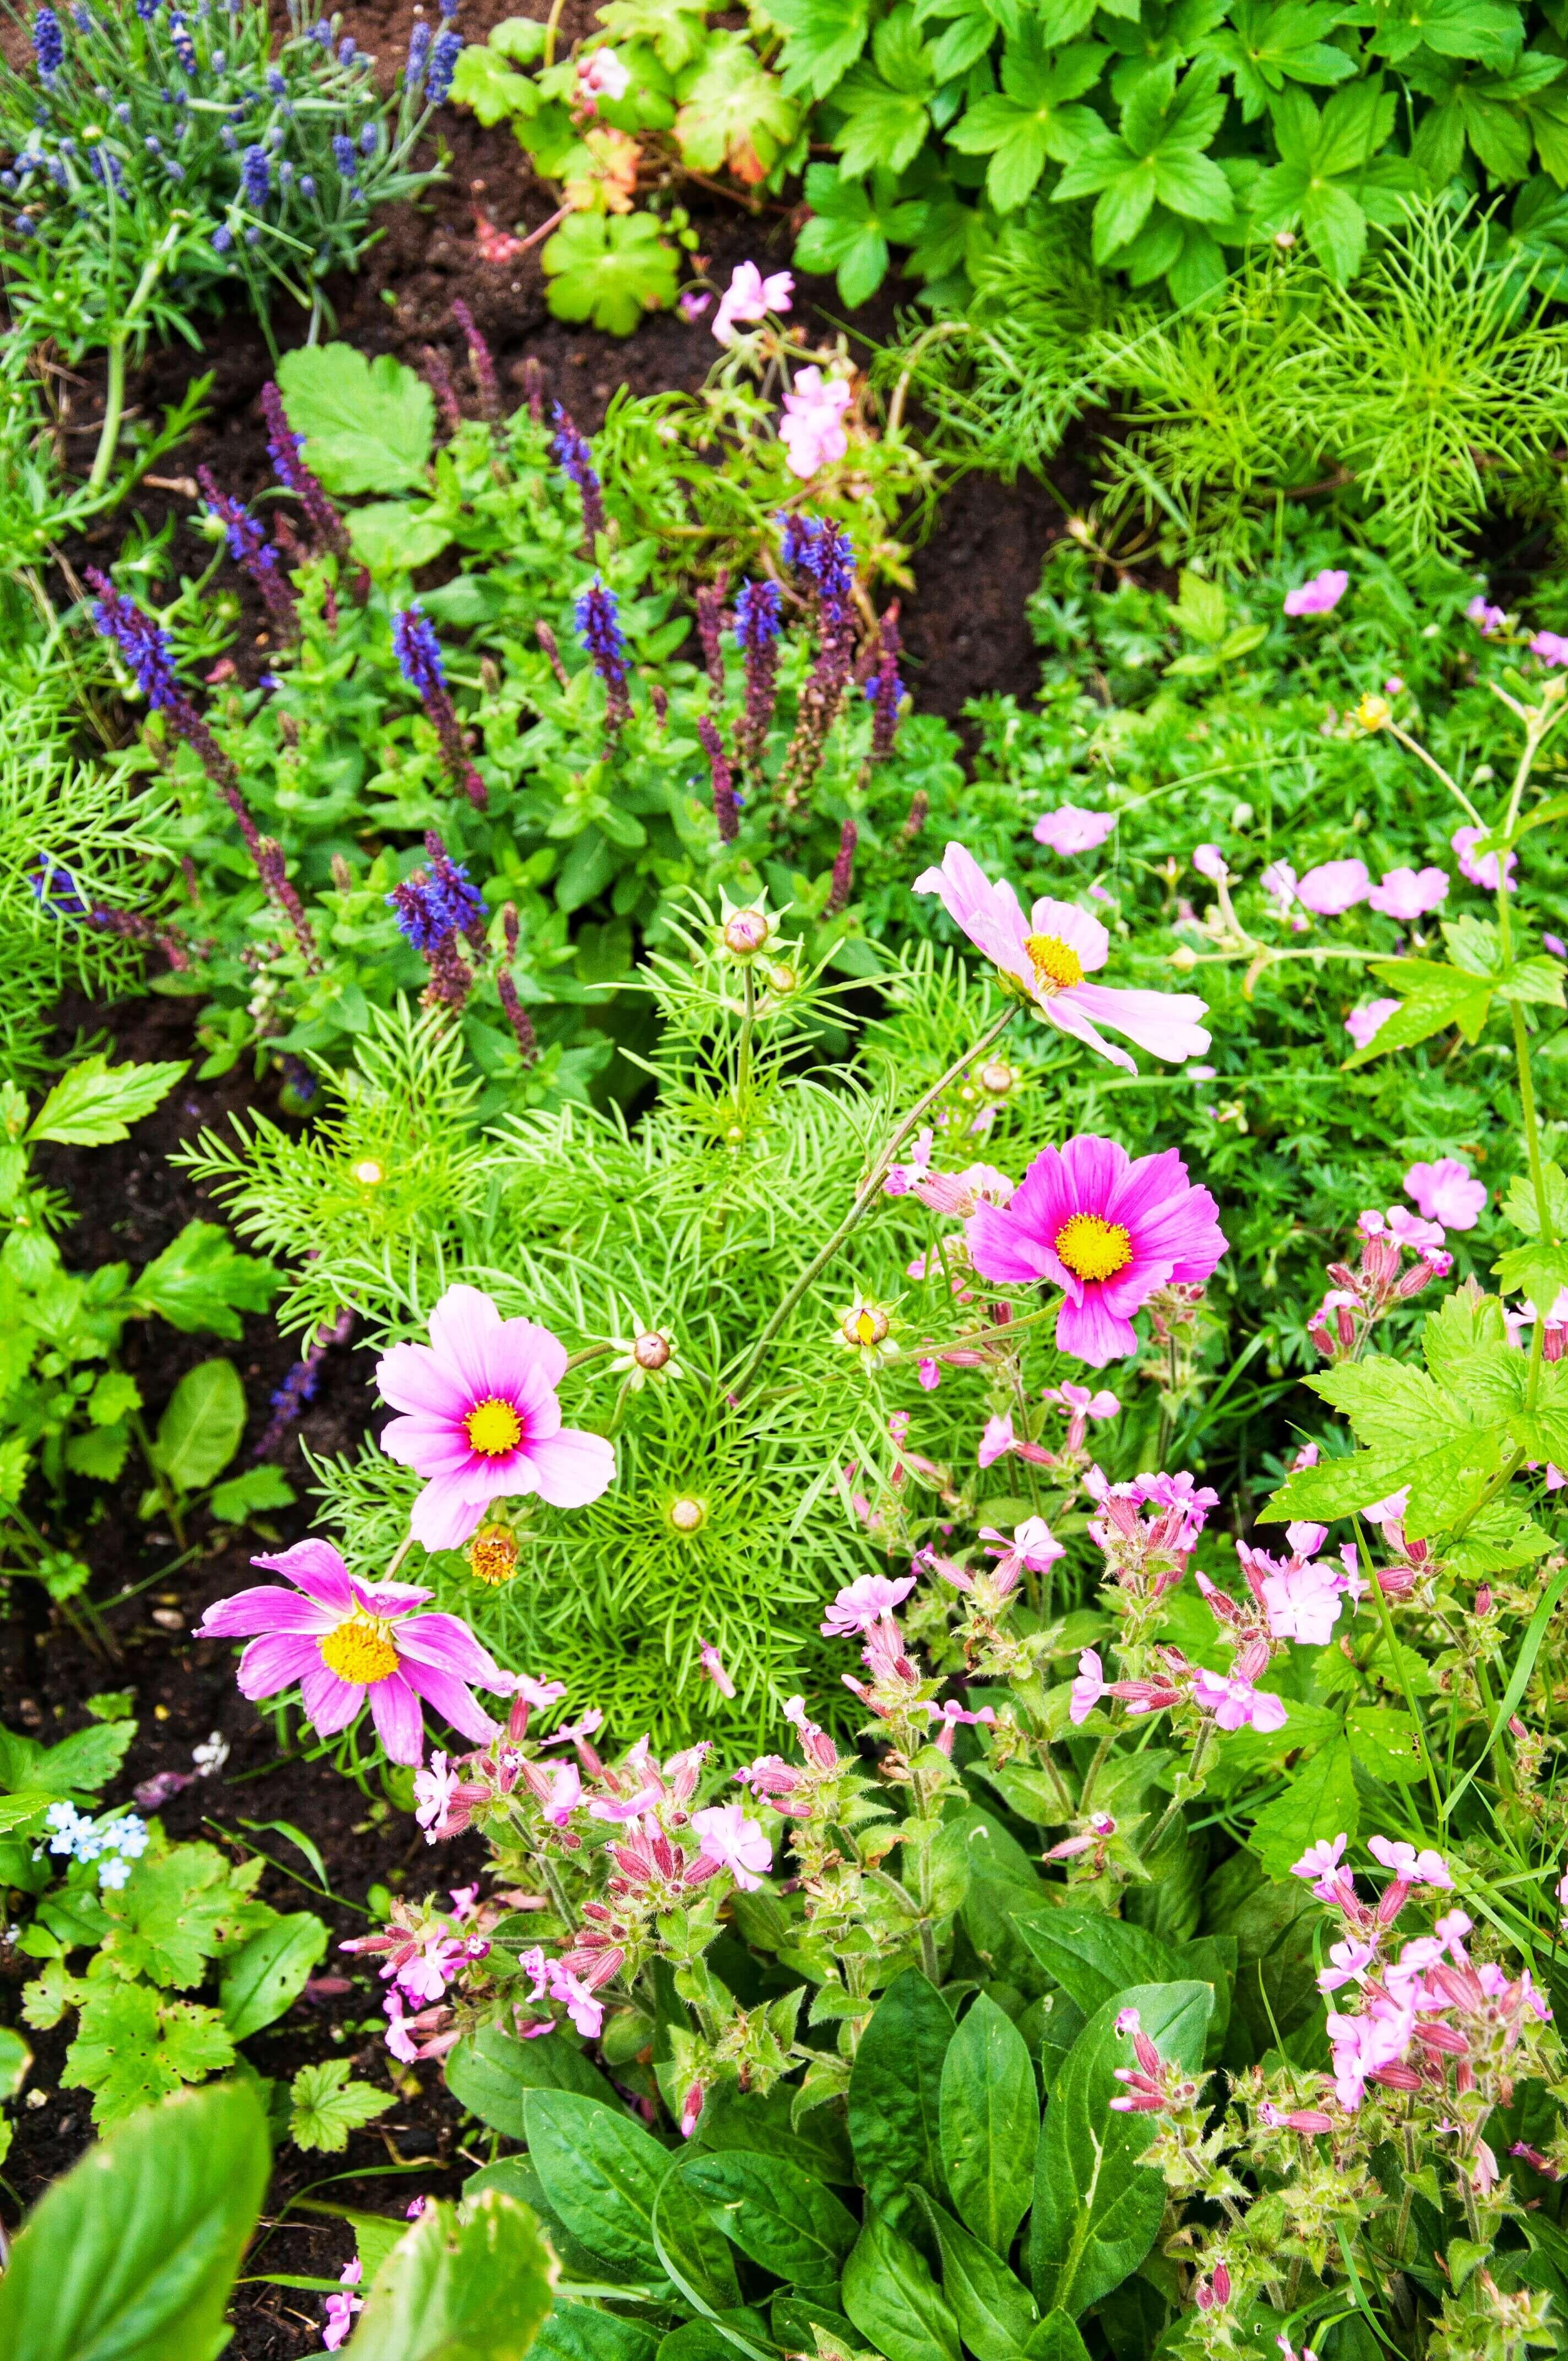 Rosenskära - Trädgård - Nilssons plantskola - blommor och bin, Leonor Juhl K - Fröken Turkos